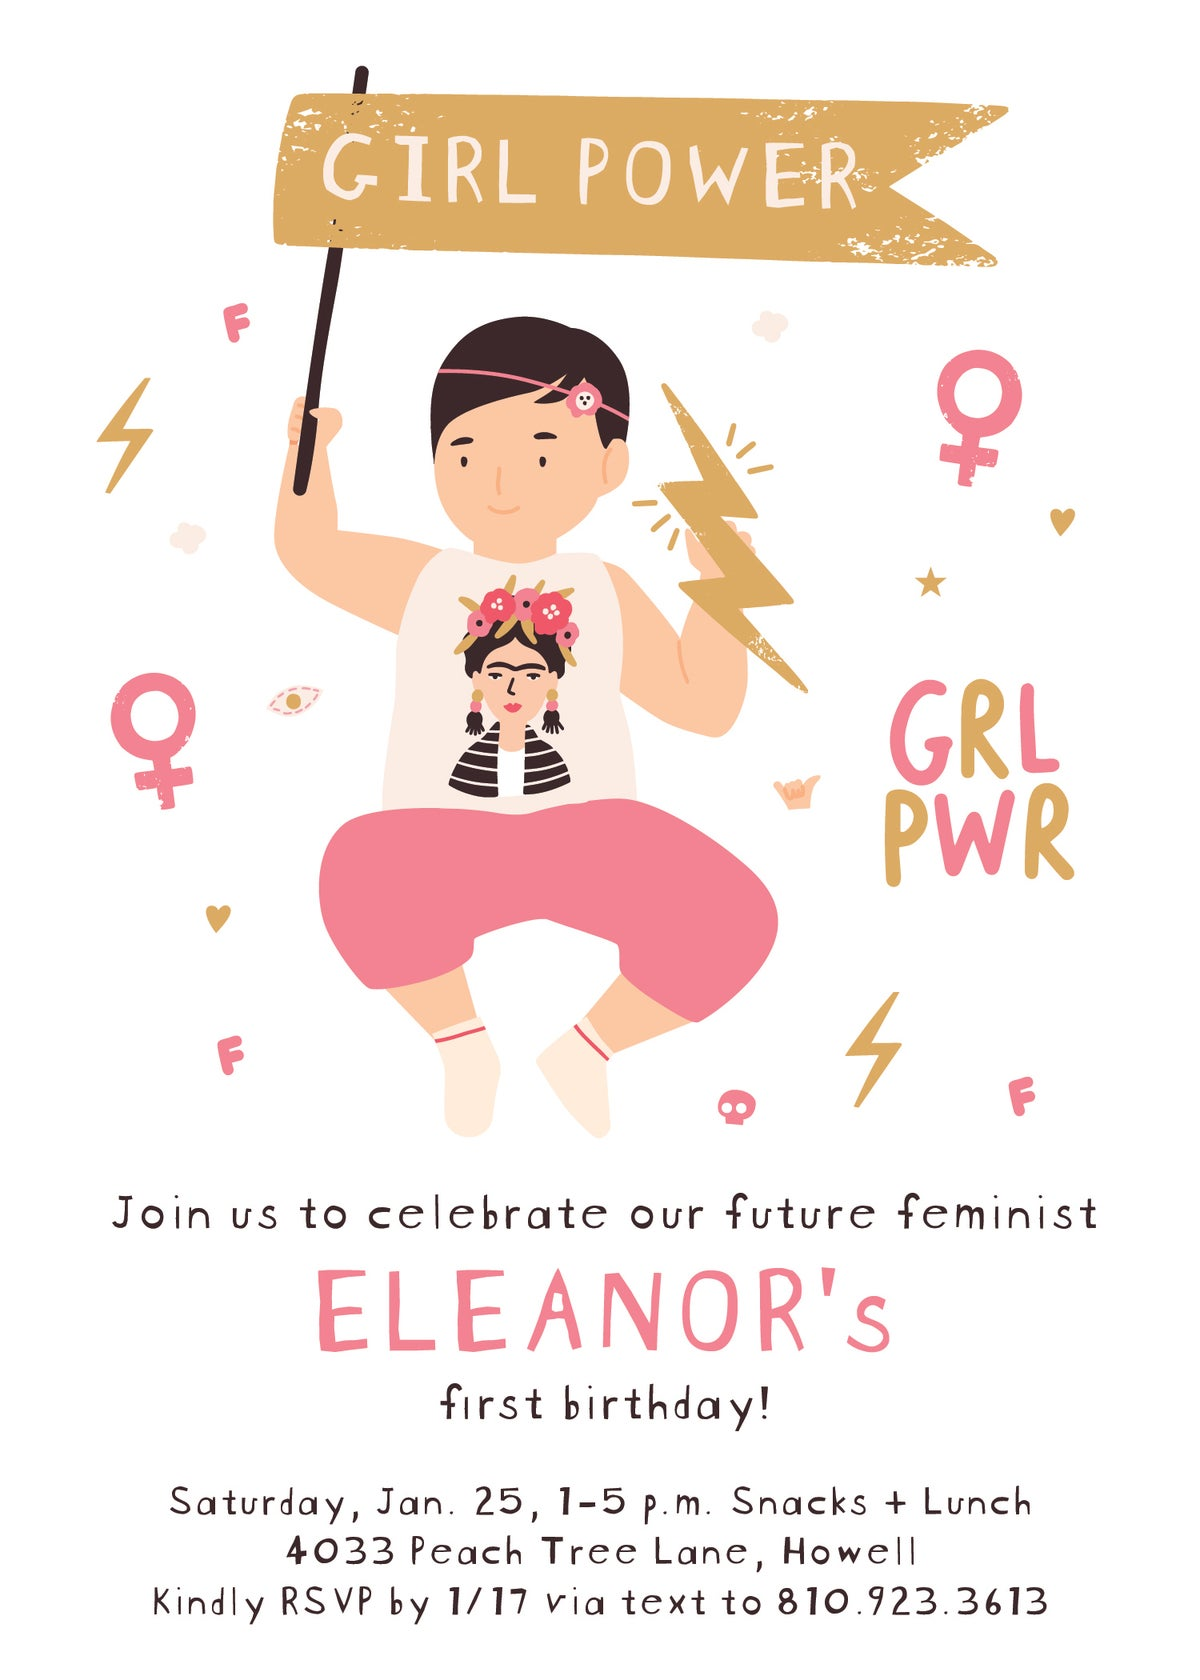 Feminist/Girl Power Party